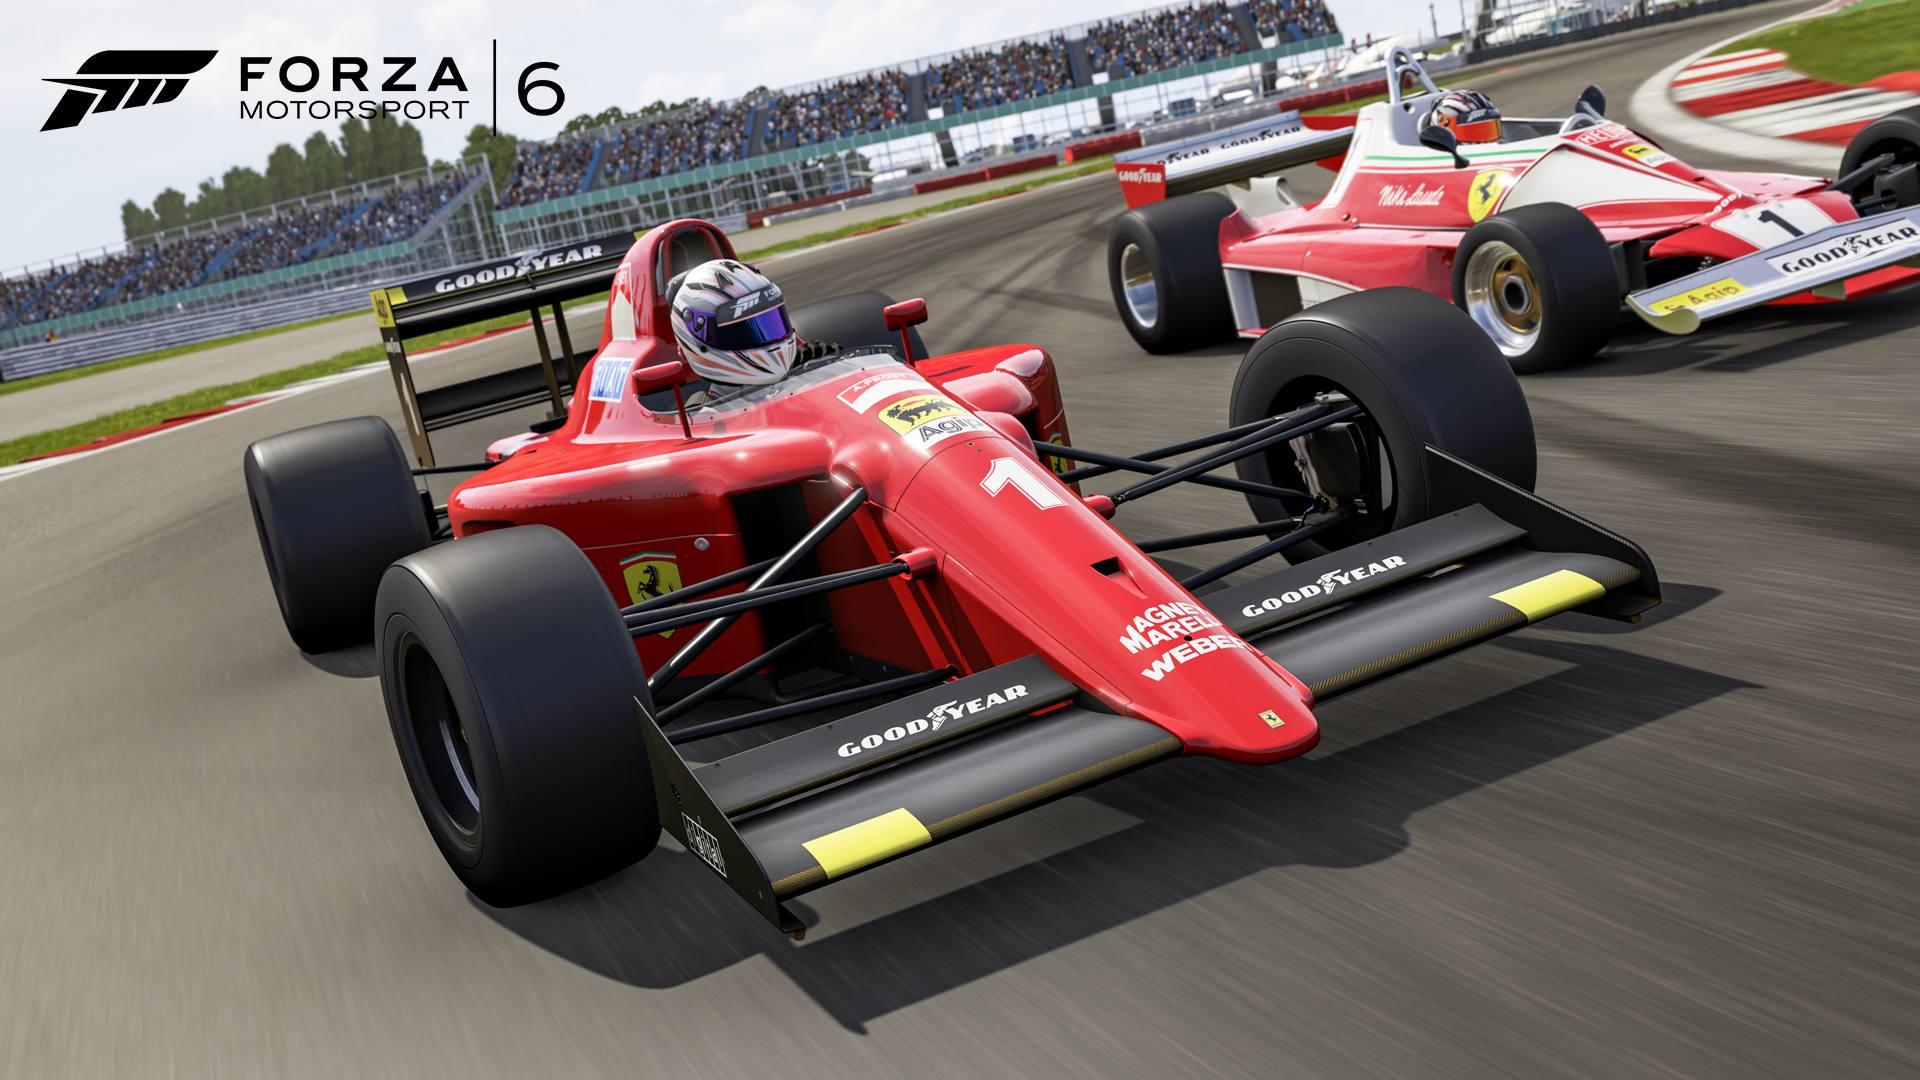 Forza Motorsport 6 DLC Hot Wheels 03-05-16 1990 Ferrari #1 Scuderia Ferrari 641